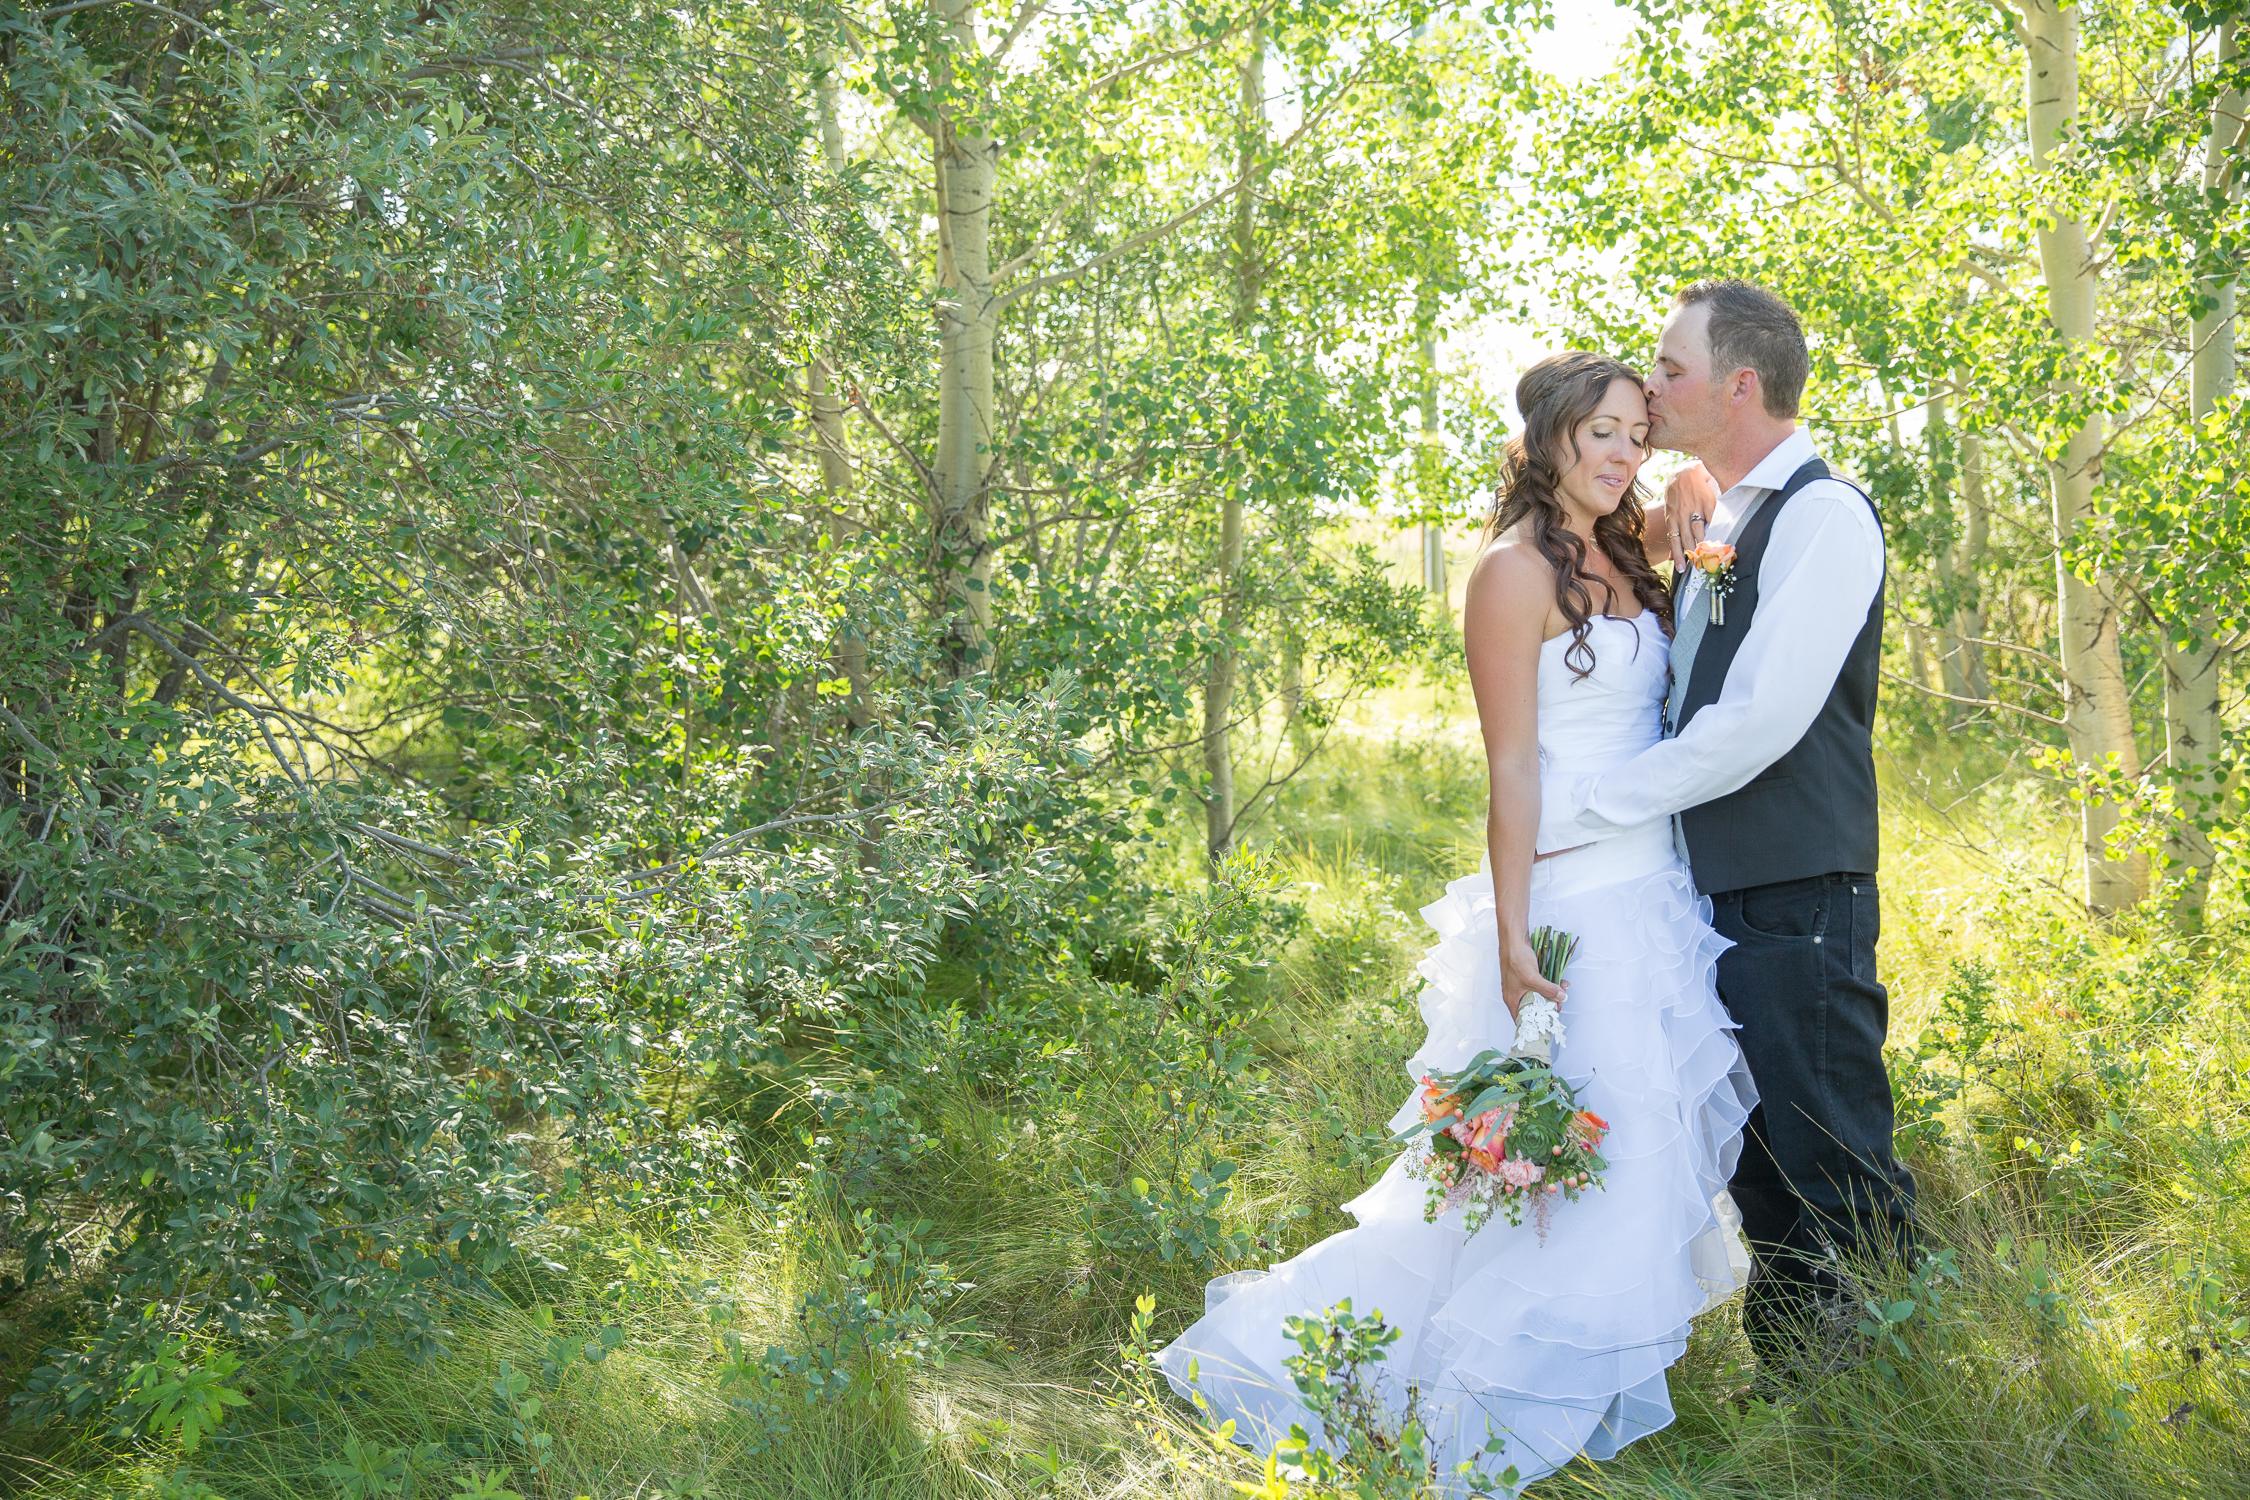 CalgaryWeddingPhotographer-JessMatt-40-2.jpg